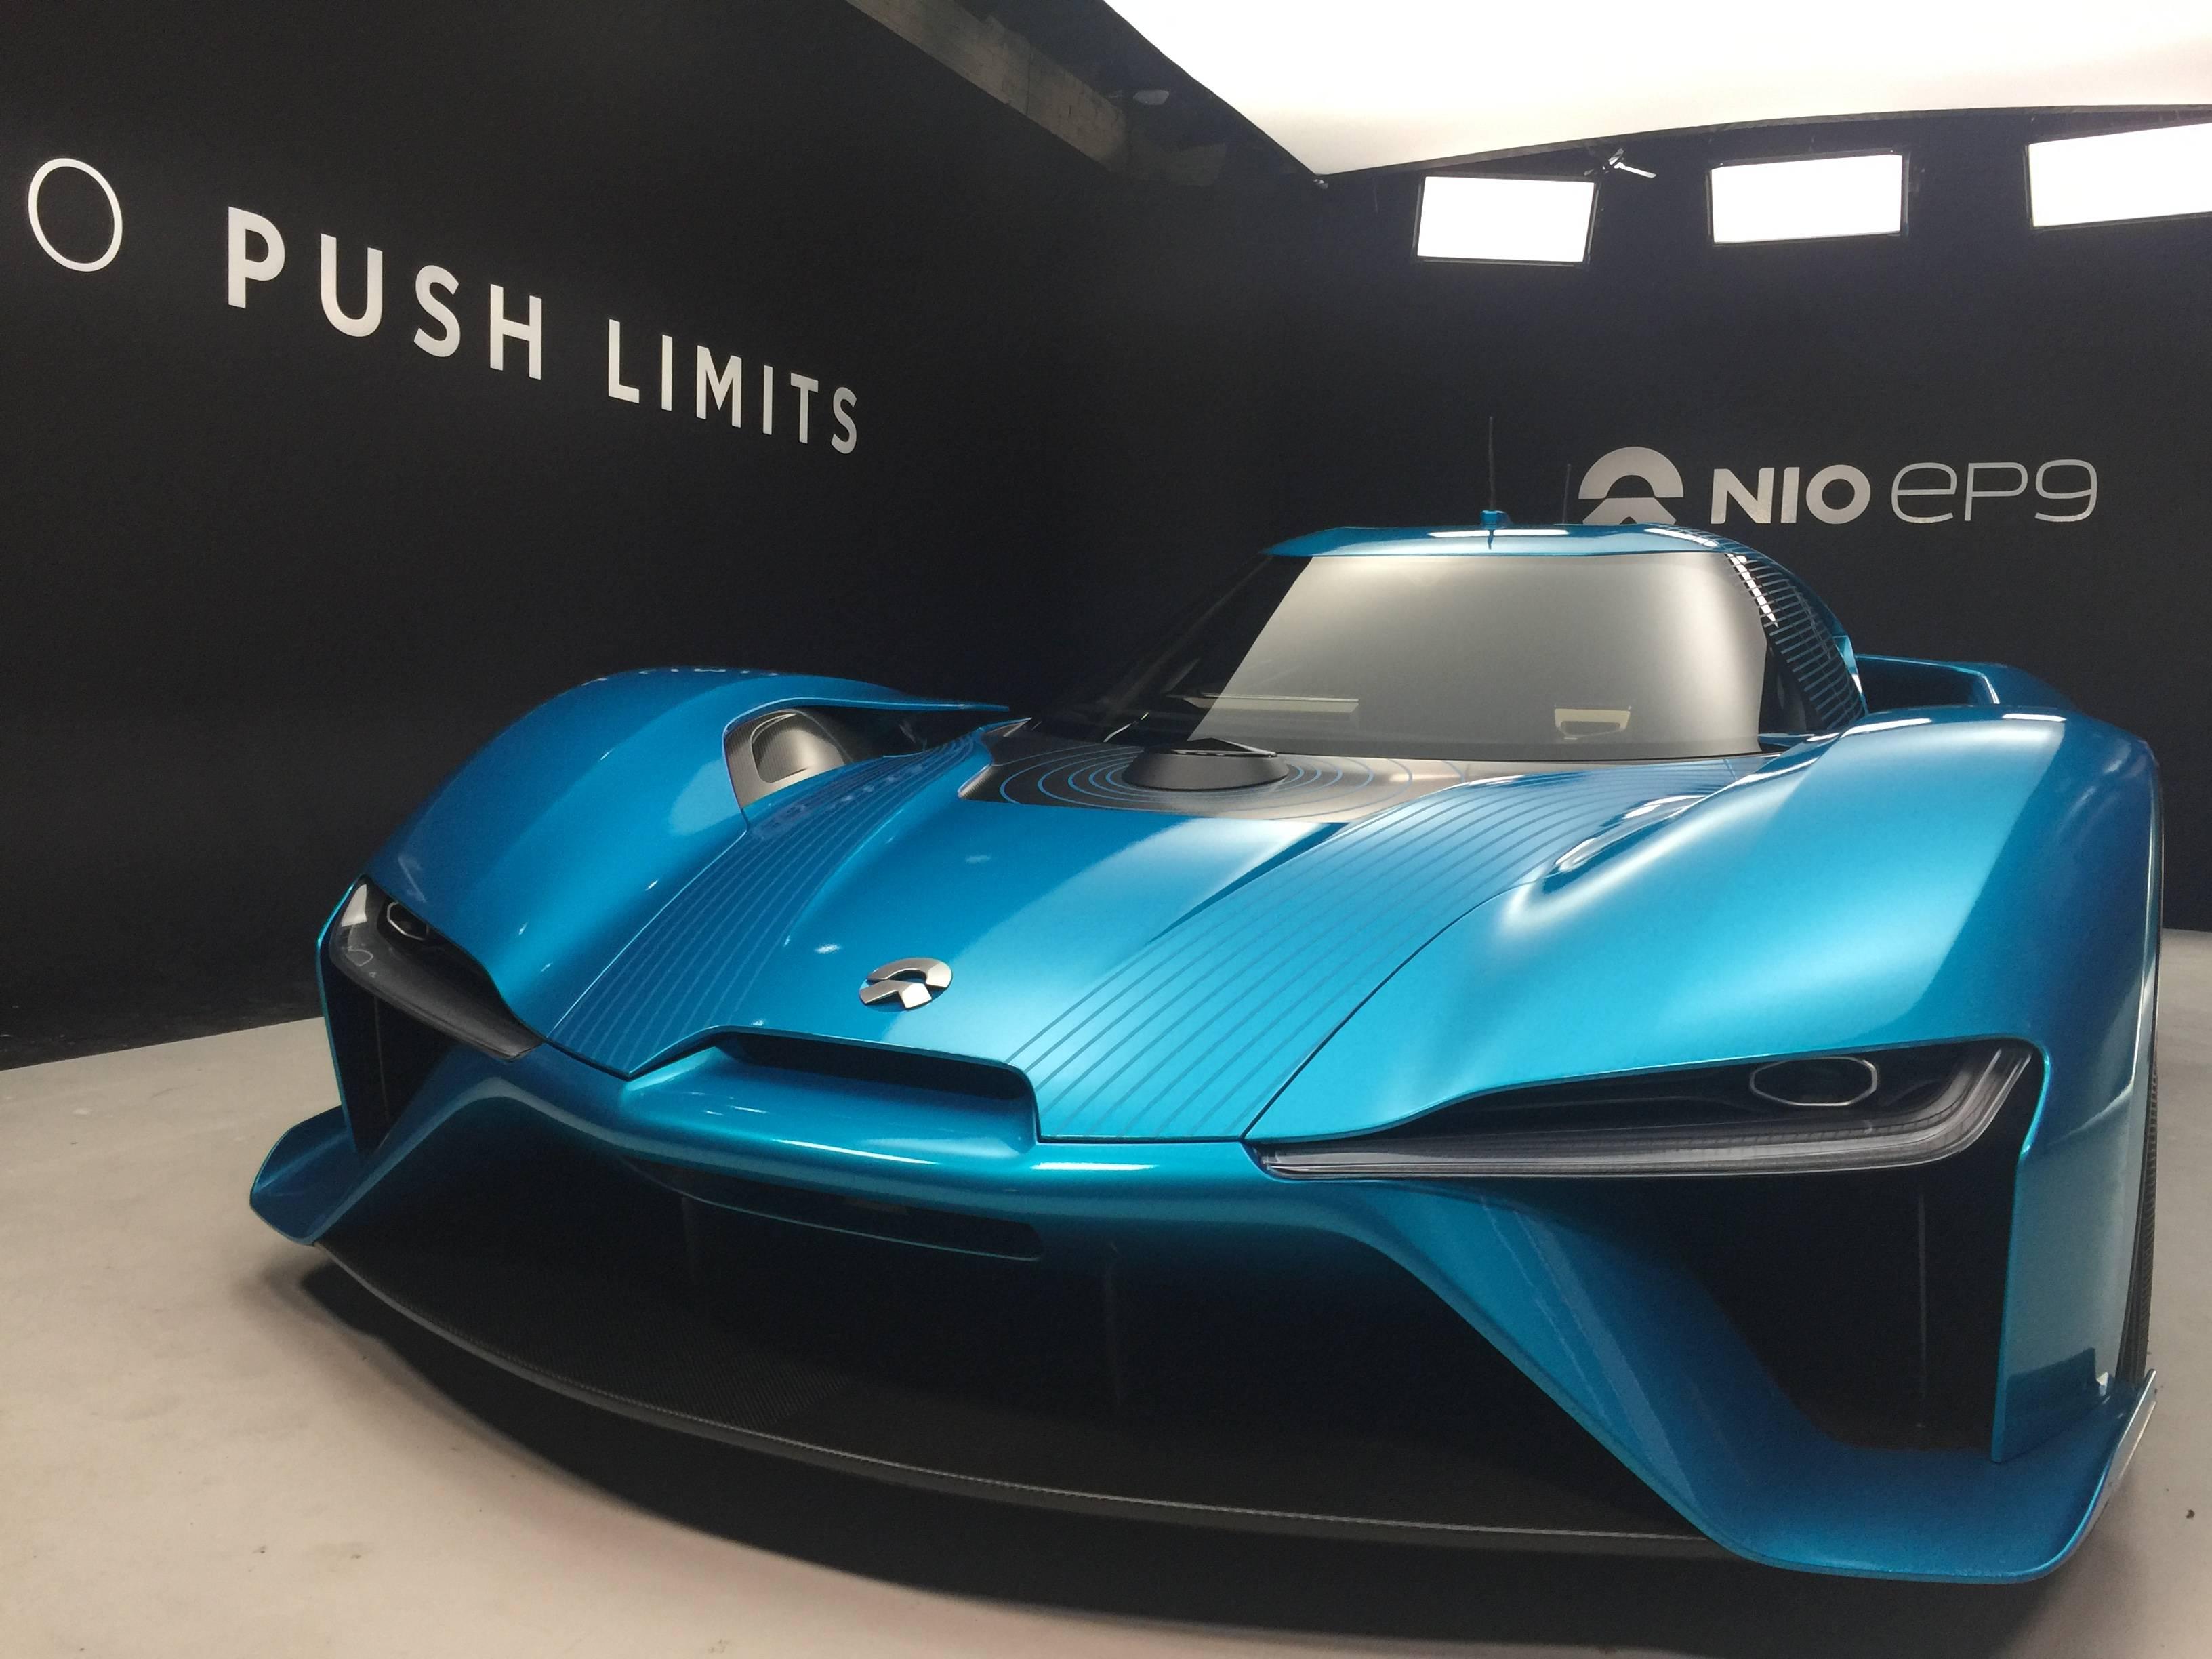 抢了世界最快电动车的风头,蔚来这款能量产的概念车才是本场重头戏